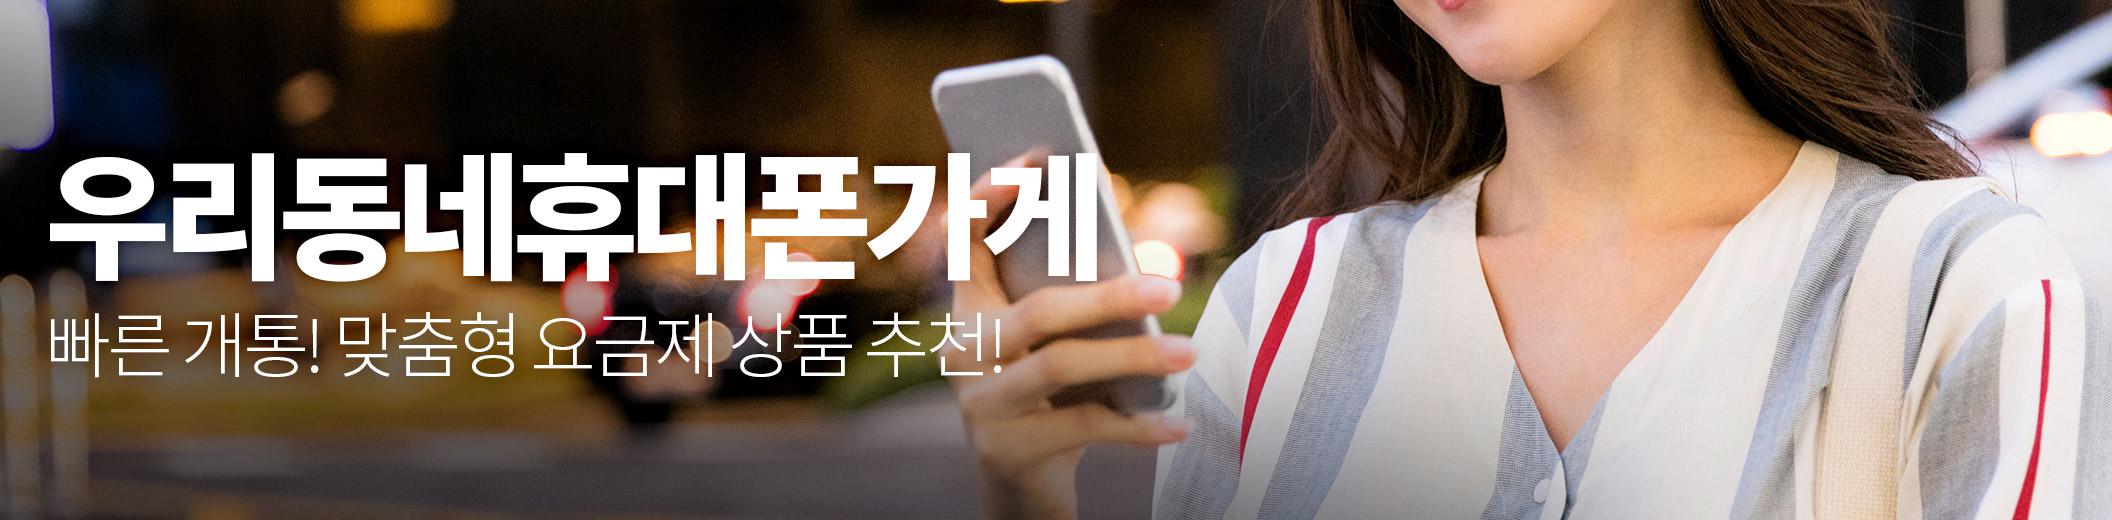 우리동네휴대폰가게 (민트통신)